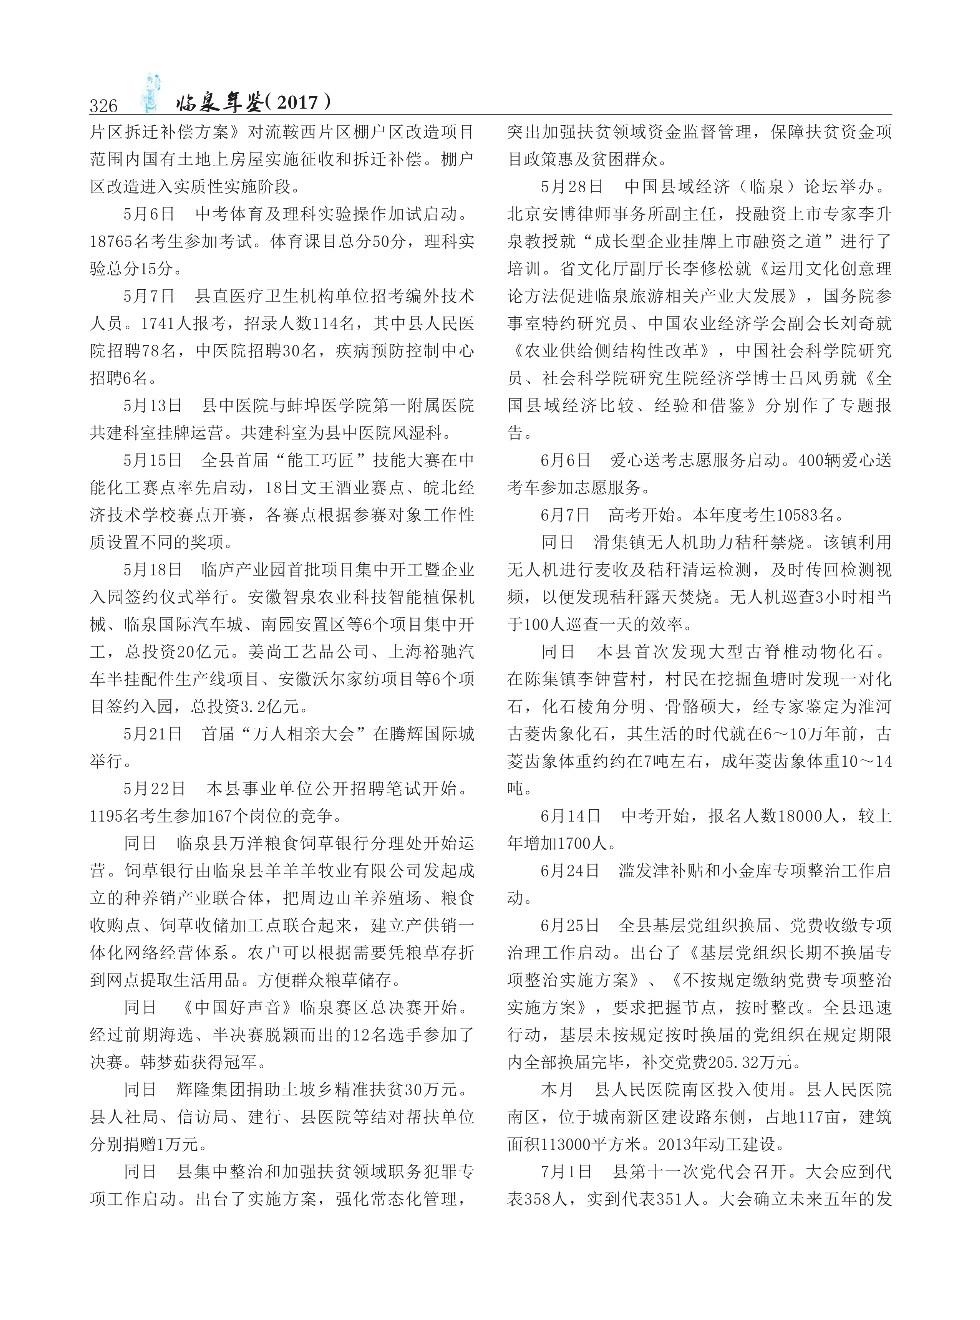 2017湖北快三开结果今天_369.jpg